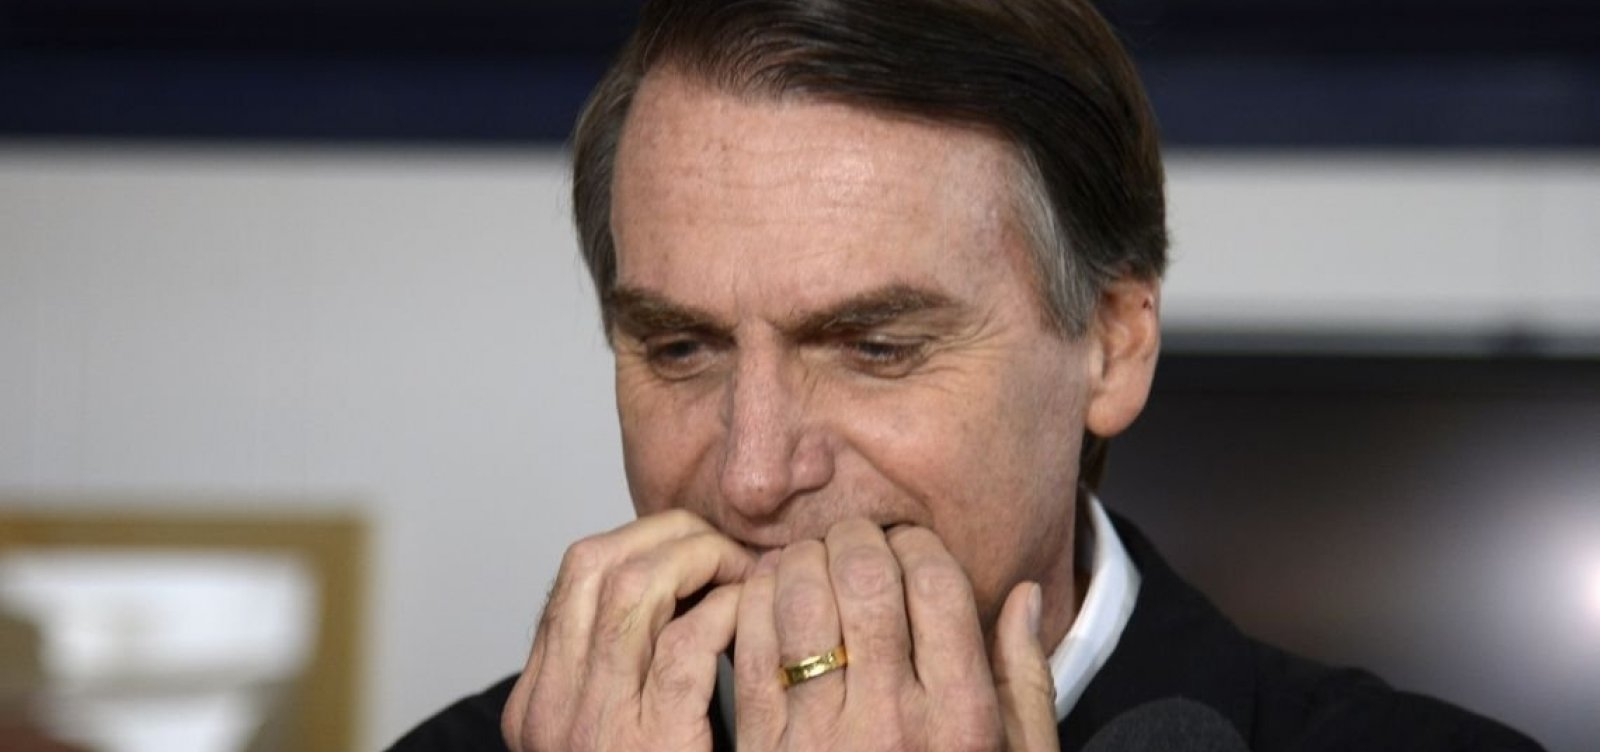 [Para ampliar eleitorado, Bolsonaro volta atrás em propostas ]